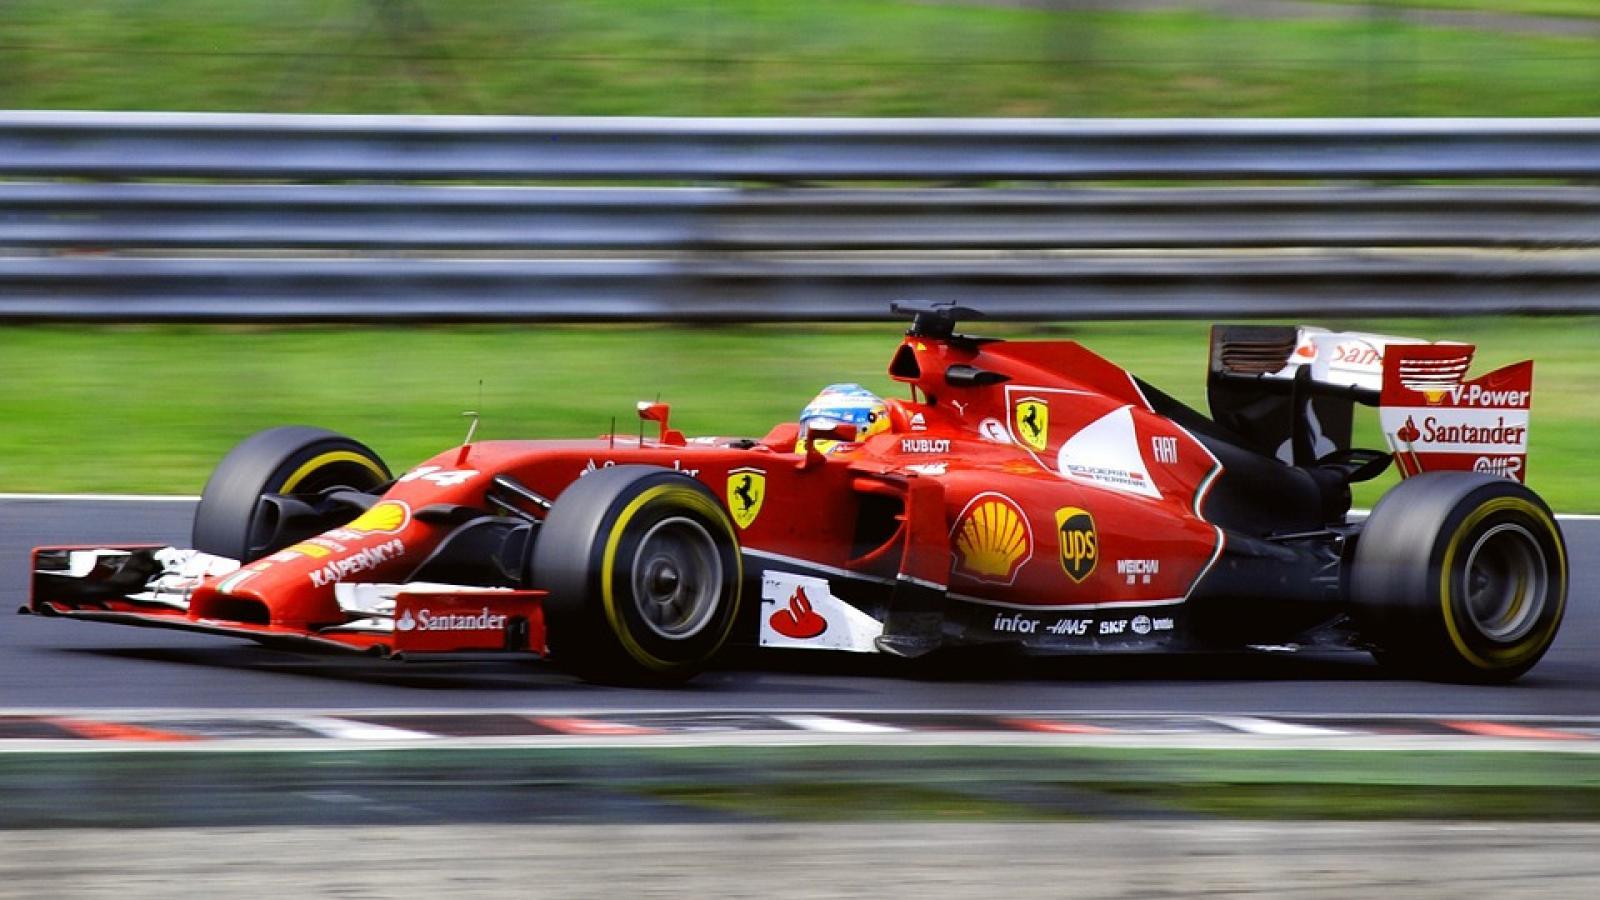 The return of Formula 1 at the Grand Prix du Castellet